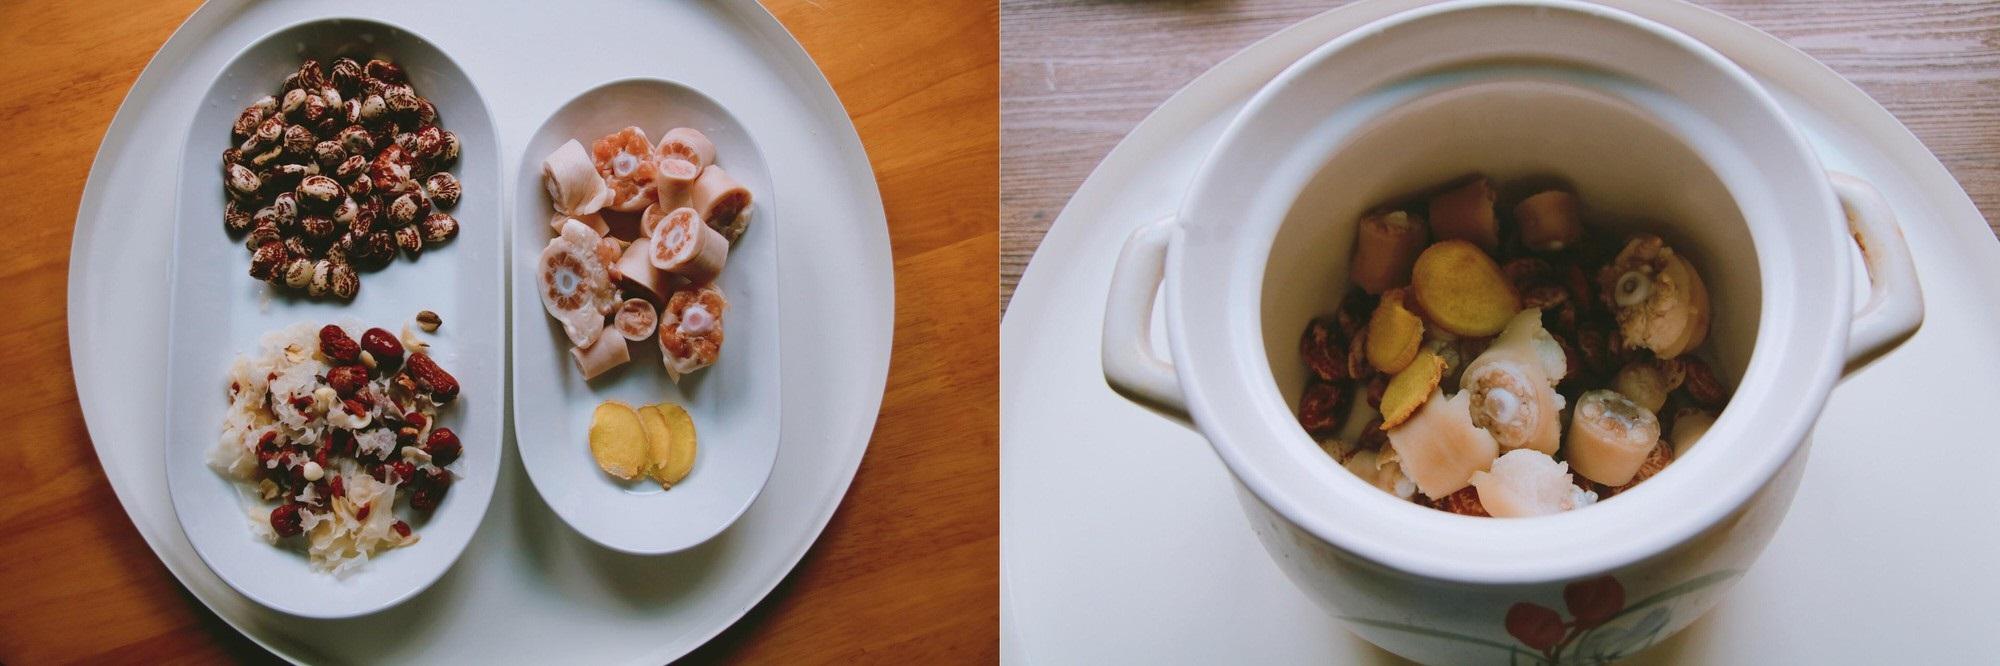 Bồi bổ cơ thể cho cả nhà với món đuôi heo hầm đậu đỏ ngon mê tơi - Ảnh 3